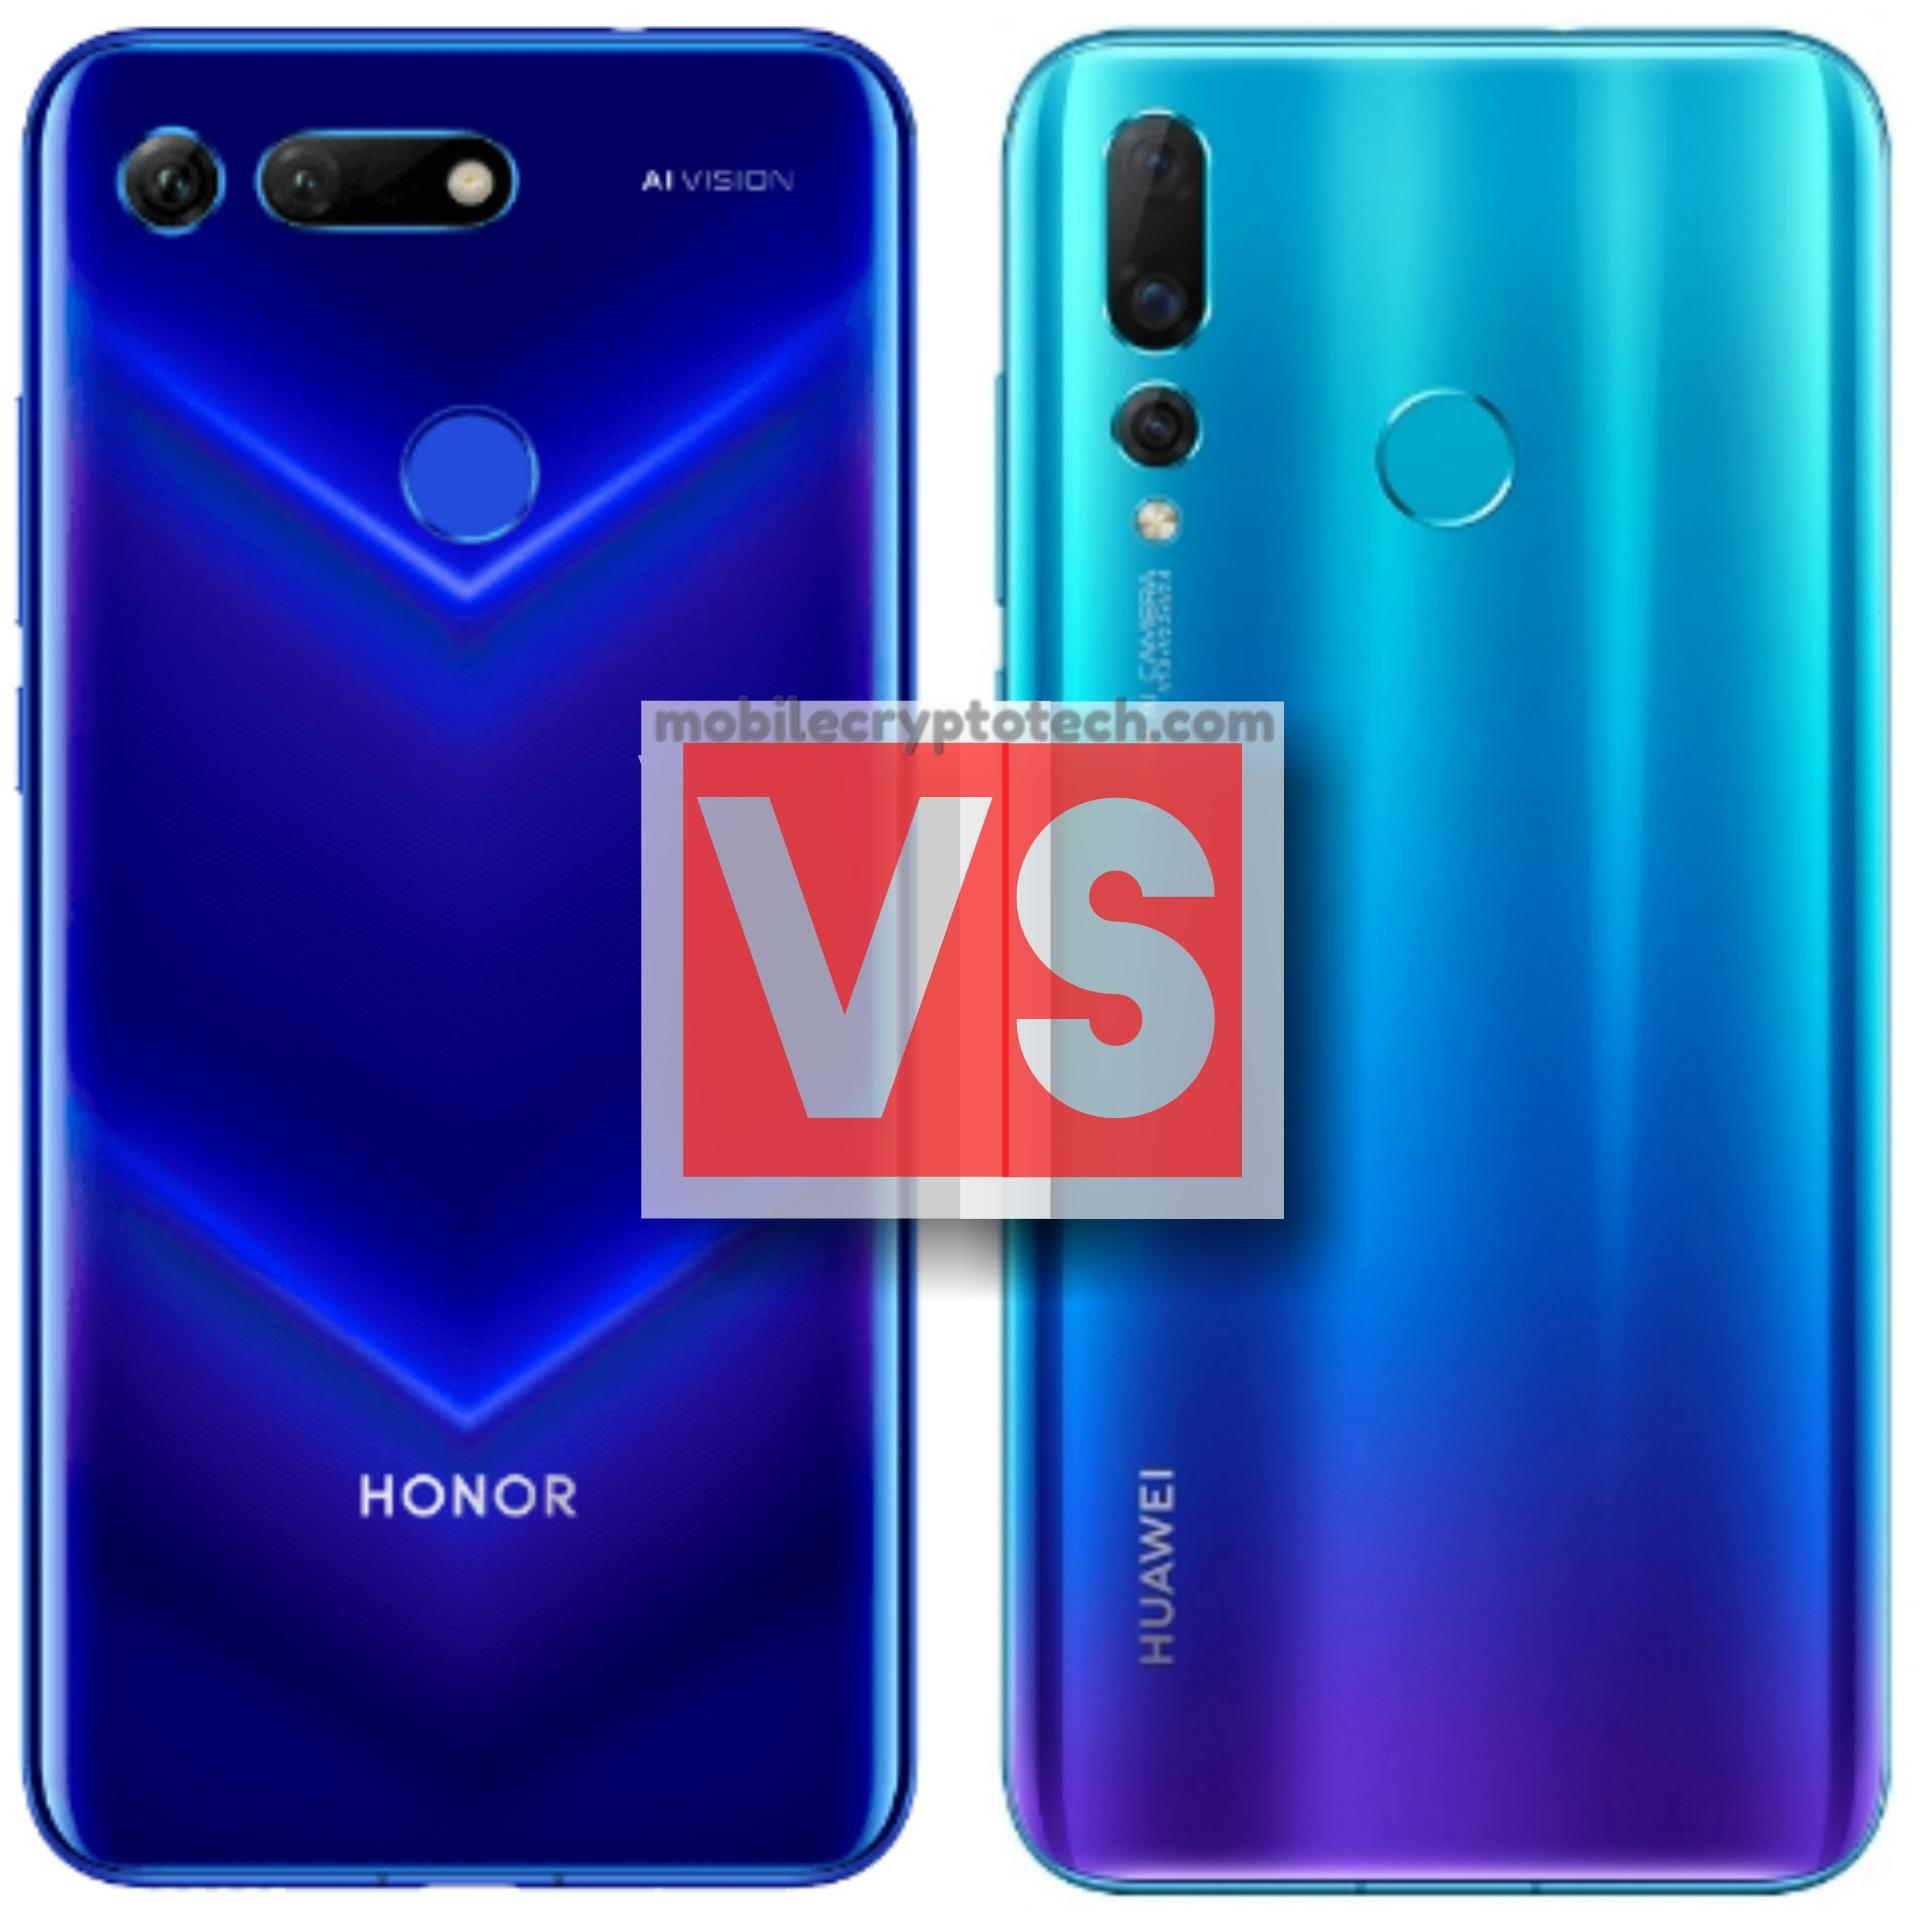 Huawei Honor View 20 Vs Nova 4